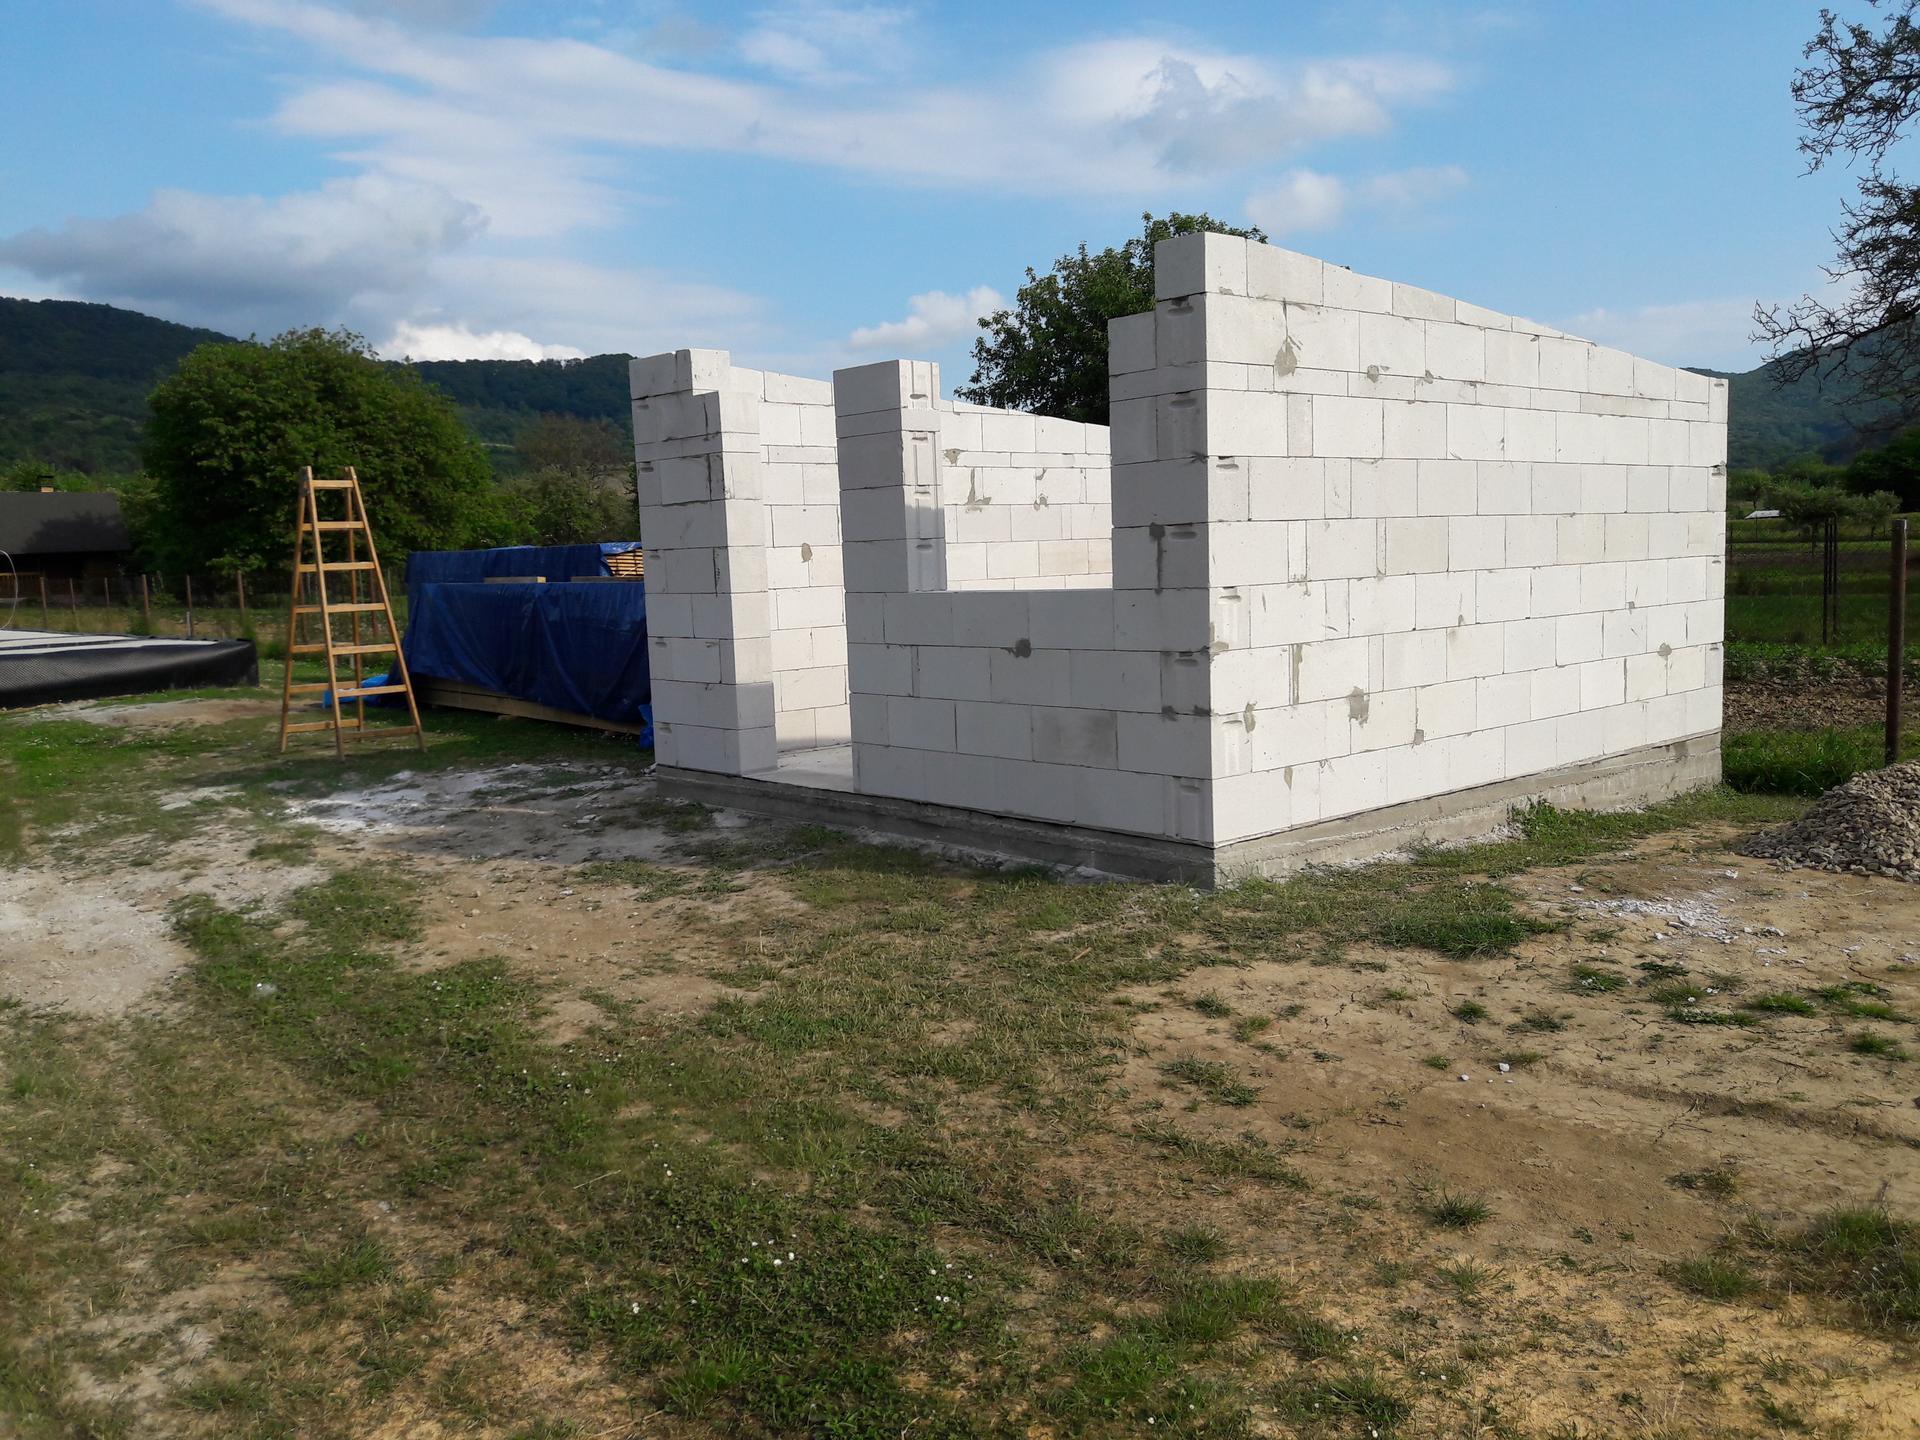 Hrubá stavba - Miestnosť, ktorá bude  súčasťou prístrešku pre  autá vymurovaná. Ešte  prídu preklady, a môžeme  robiť  veniec.